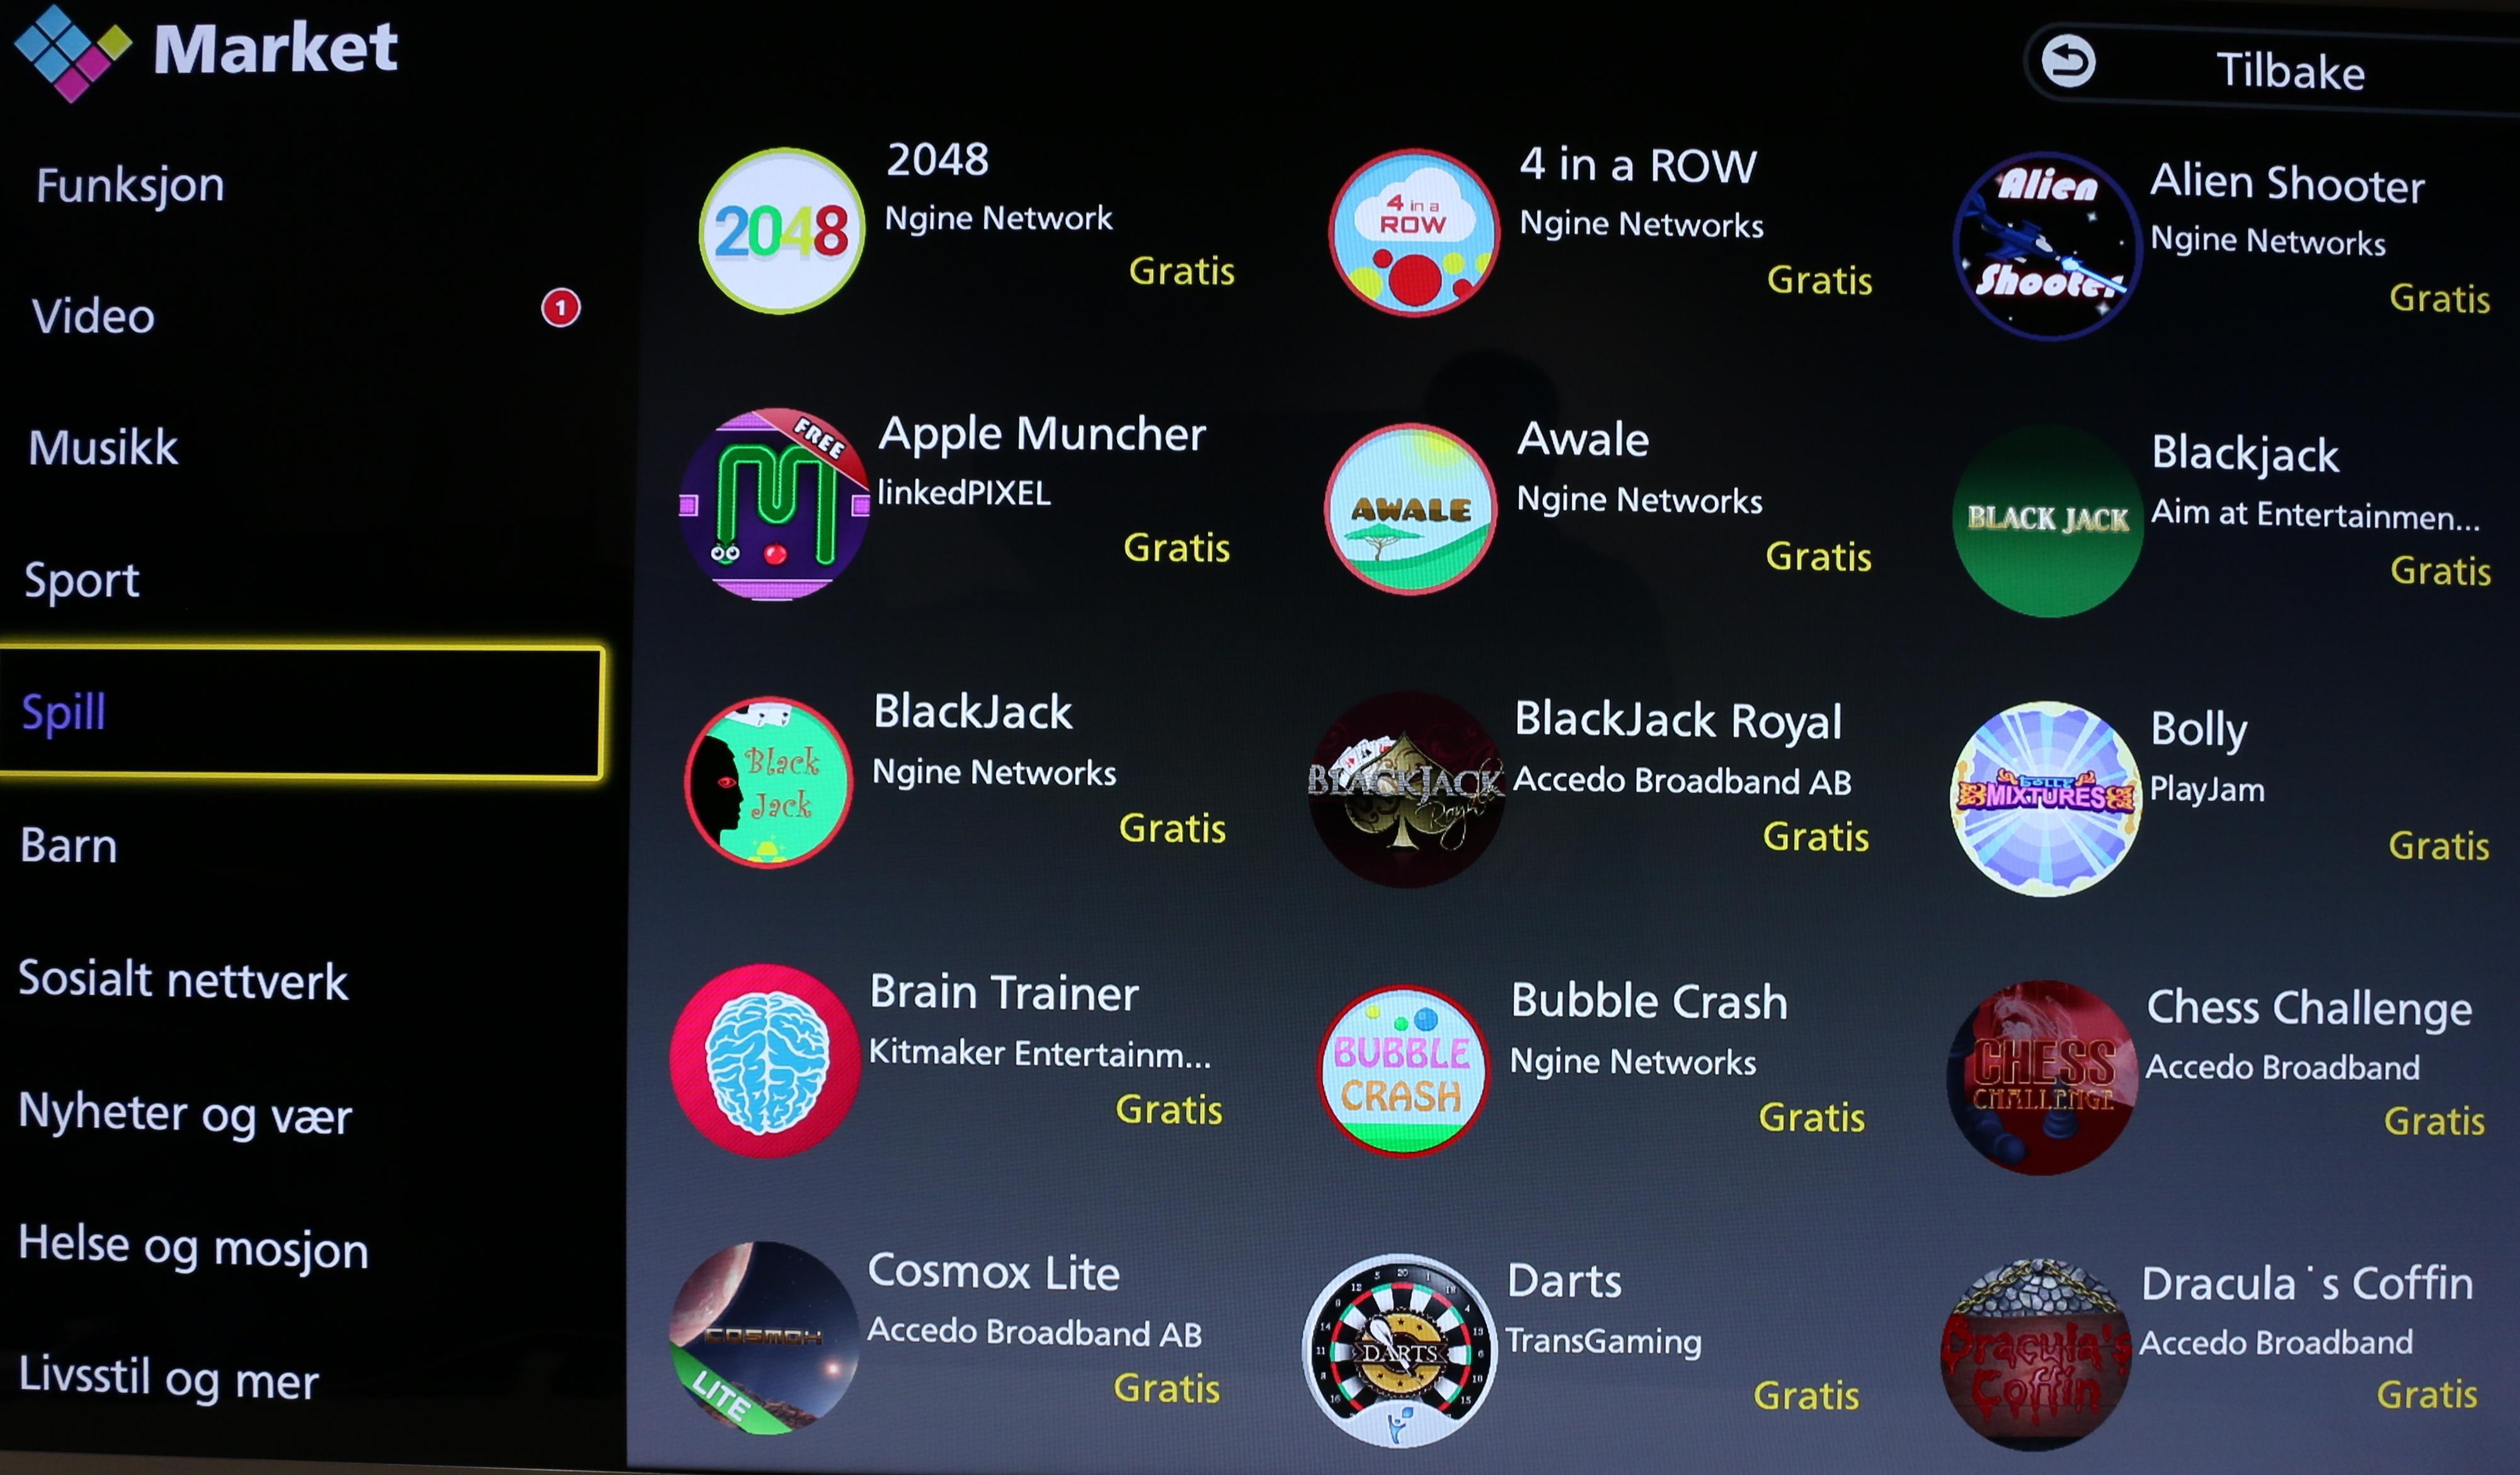 Inne i app-butikken så er det lite å velge mellom sammenlignet med andre alternativer på markedet.